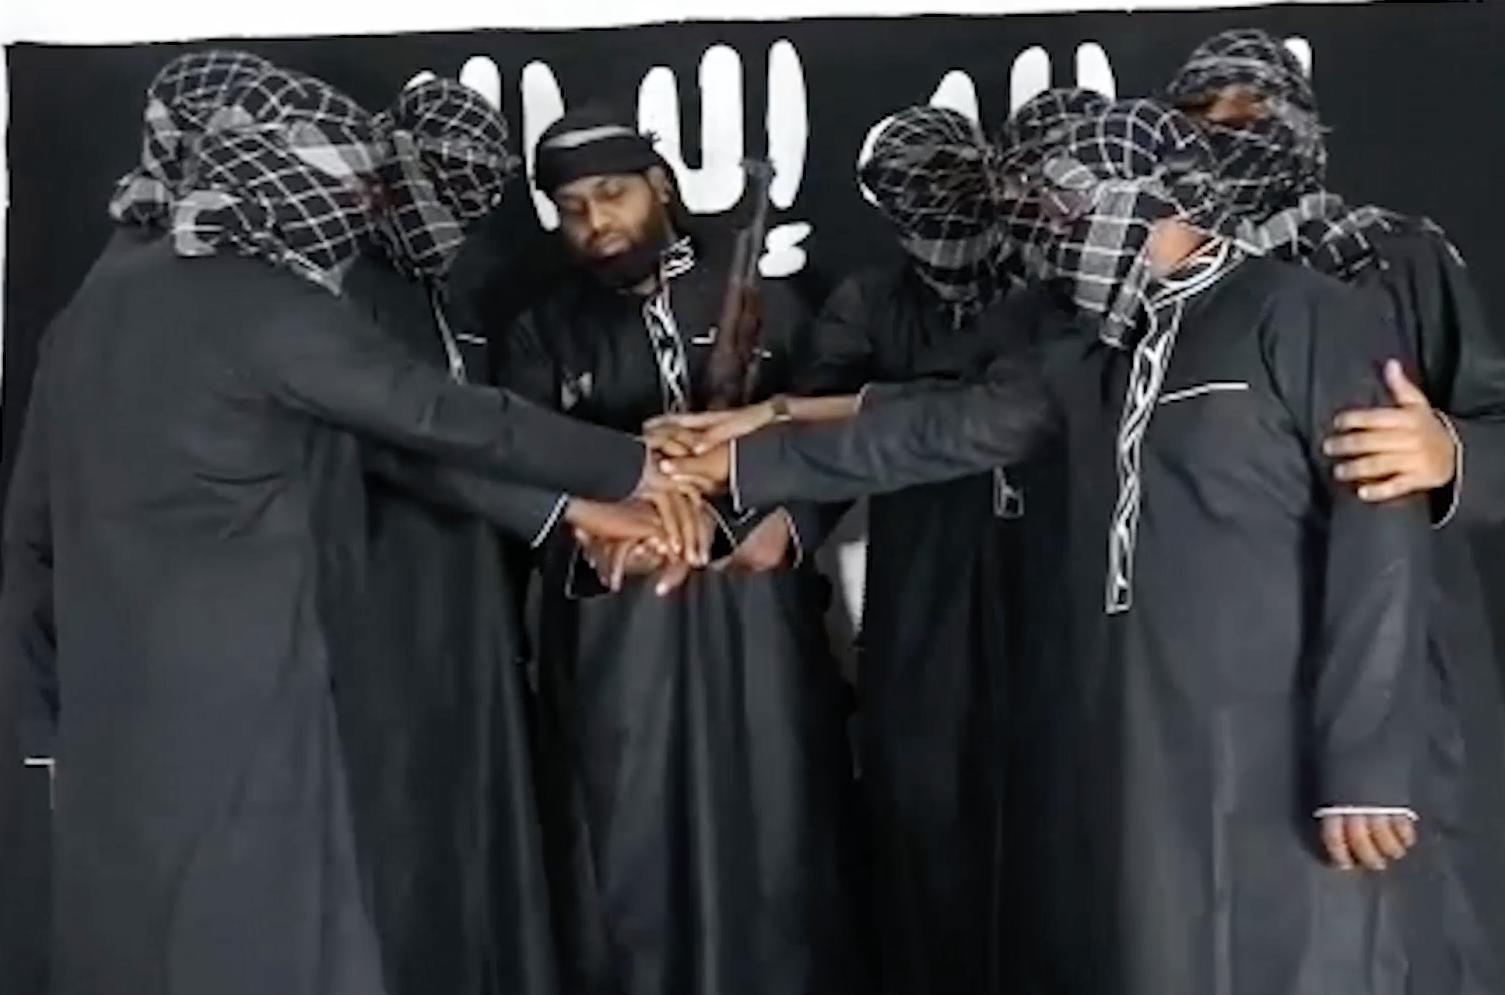 Ο Χασίμ με τους καμικάζι στο βίντεο ανάληψης της ευθύνης από τον ISIS.